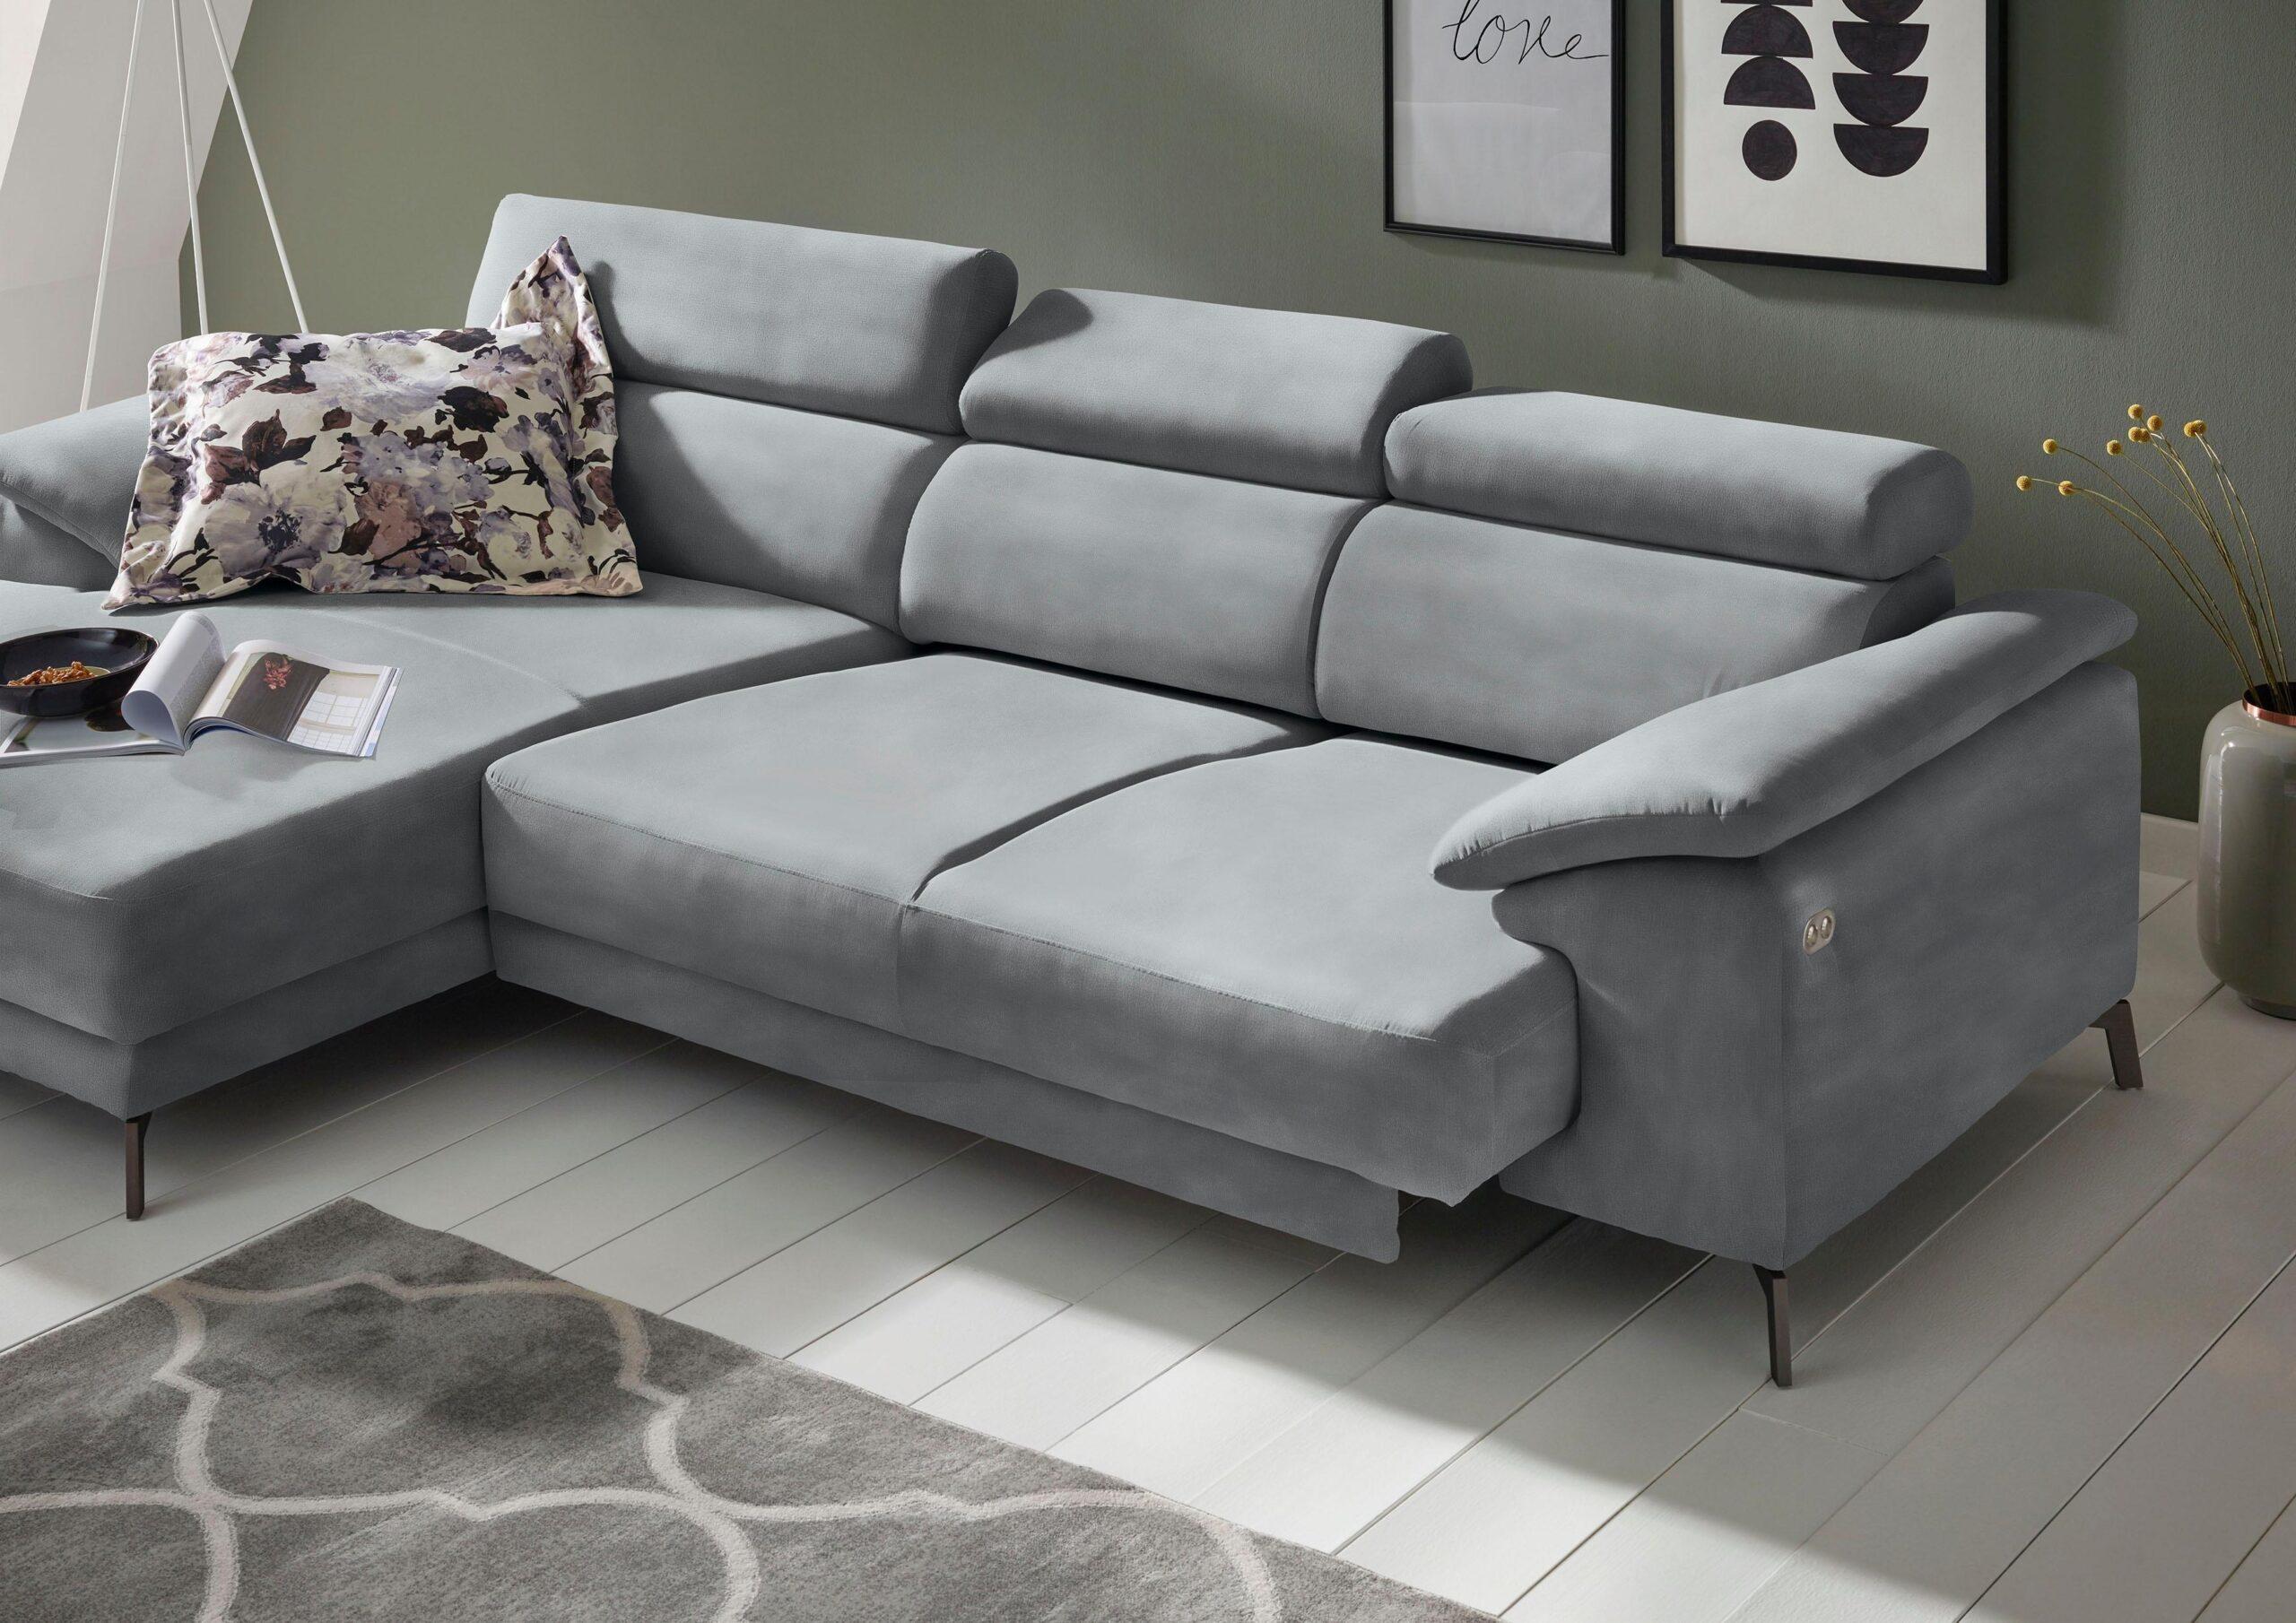 Full Size of 2er Sofa Mit Elektrischer Relaxfunktion Couch Elektrisch Verstellbar Leder 3er Sitztiefenverstellung Zweisitzer Elektrische 3 Sitzer Test Ecksofa 2 5 In L Form Sofa Sofa Mit Relaxfunktion Elektrisch